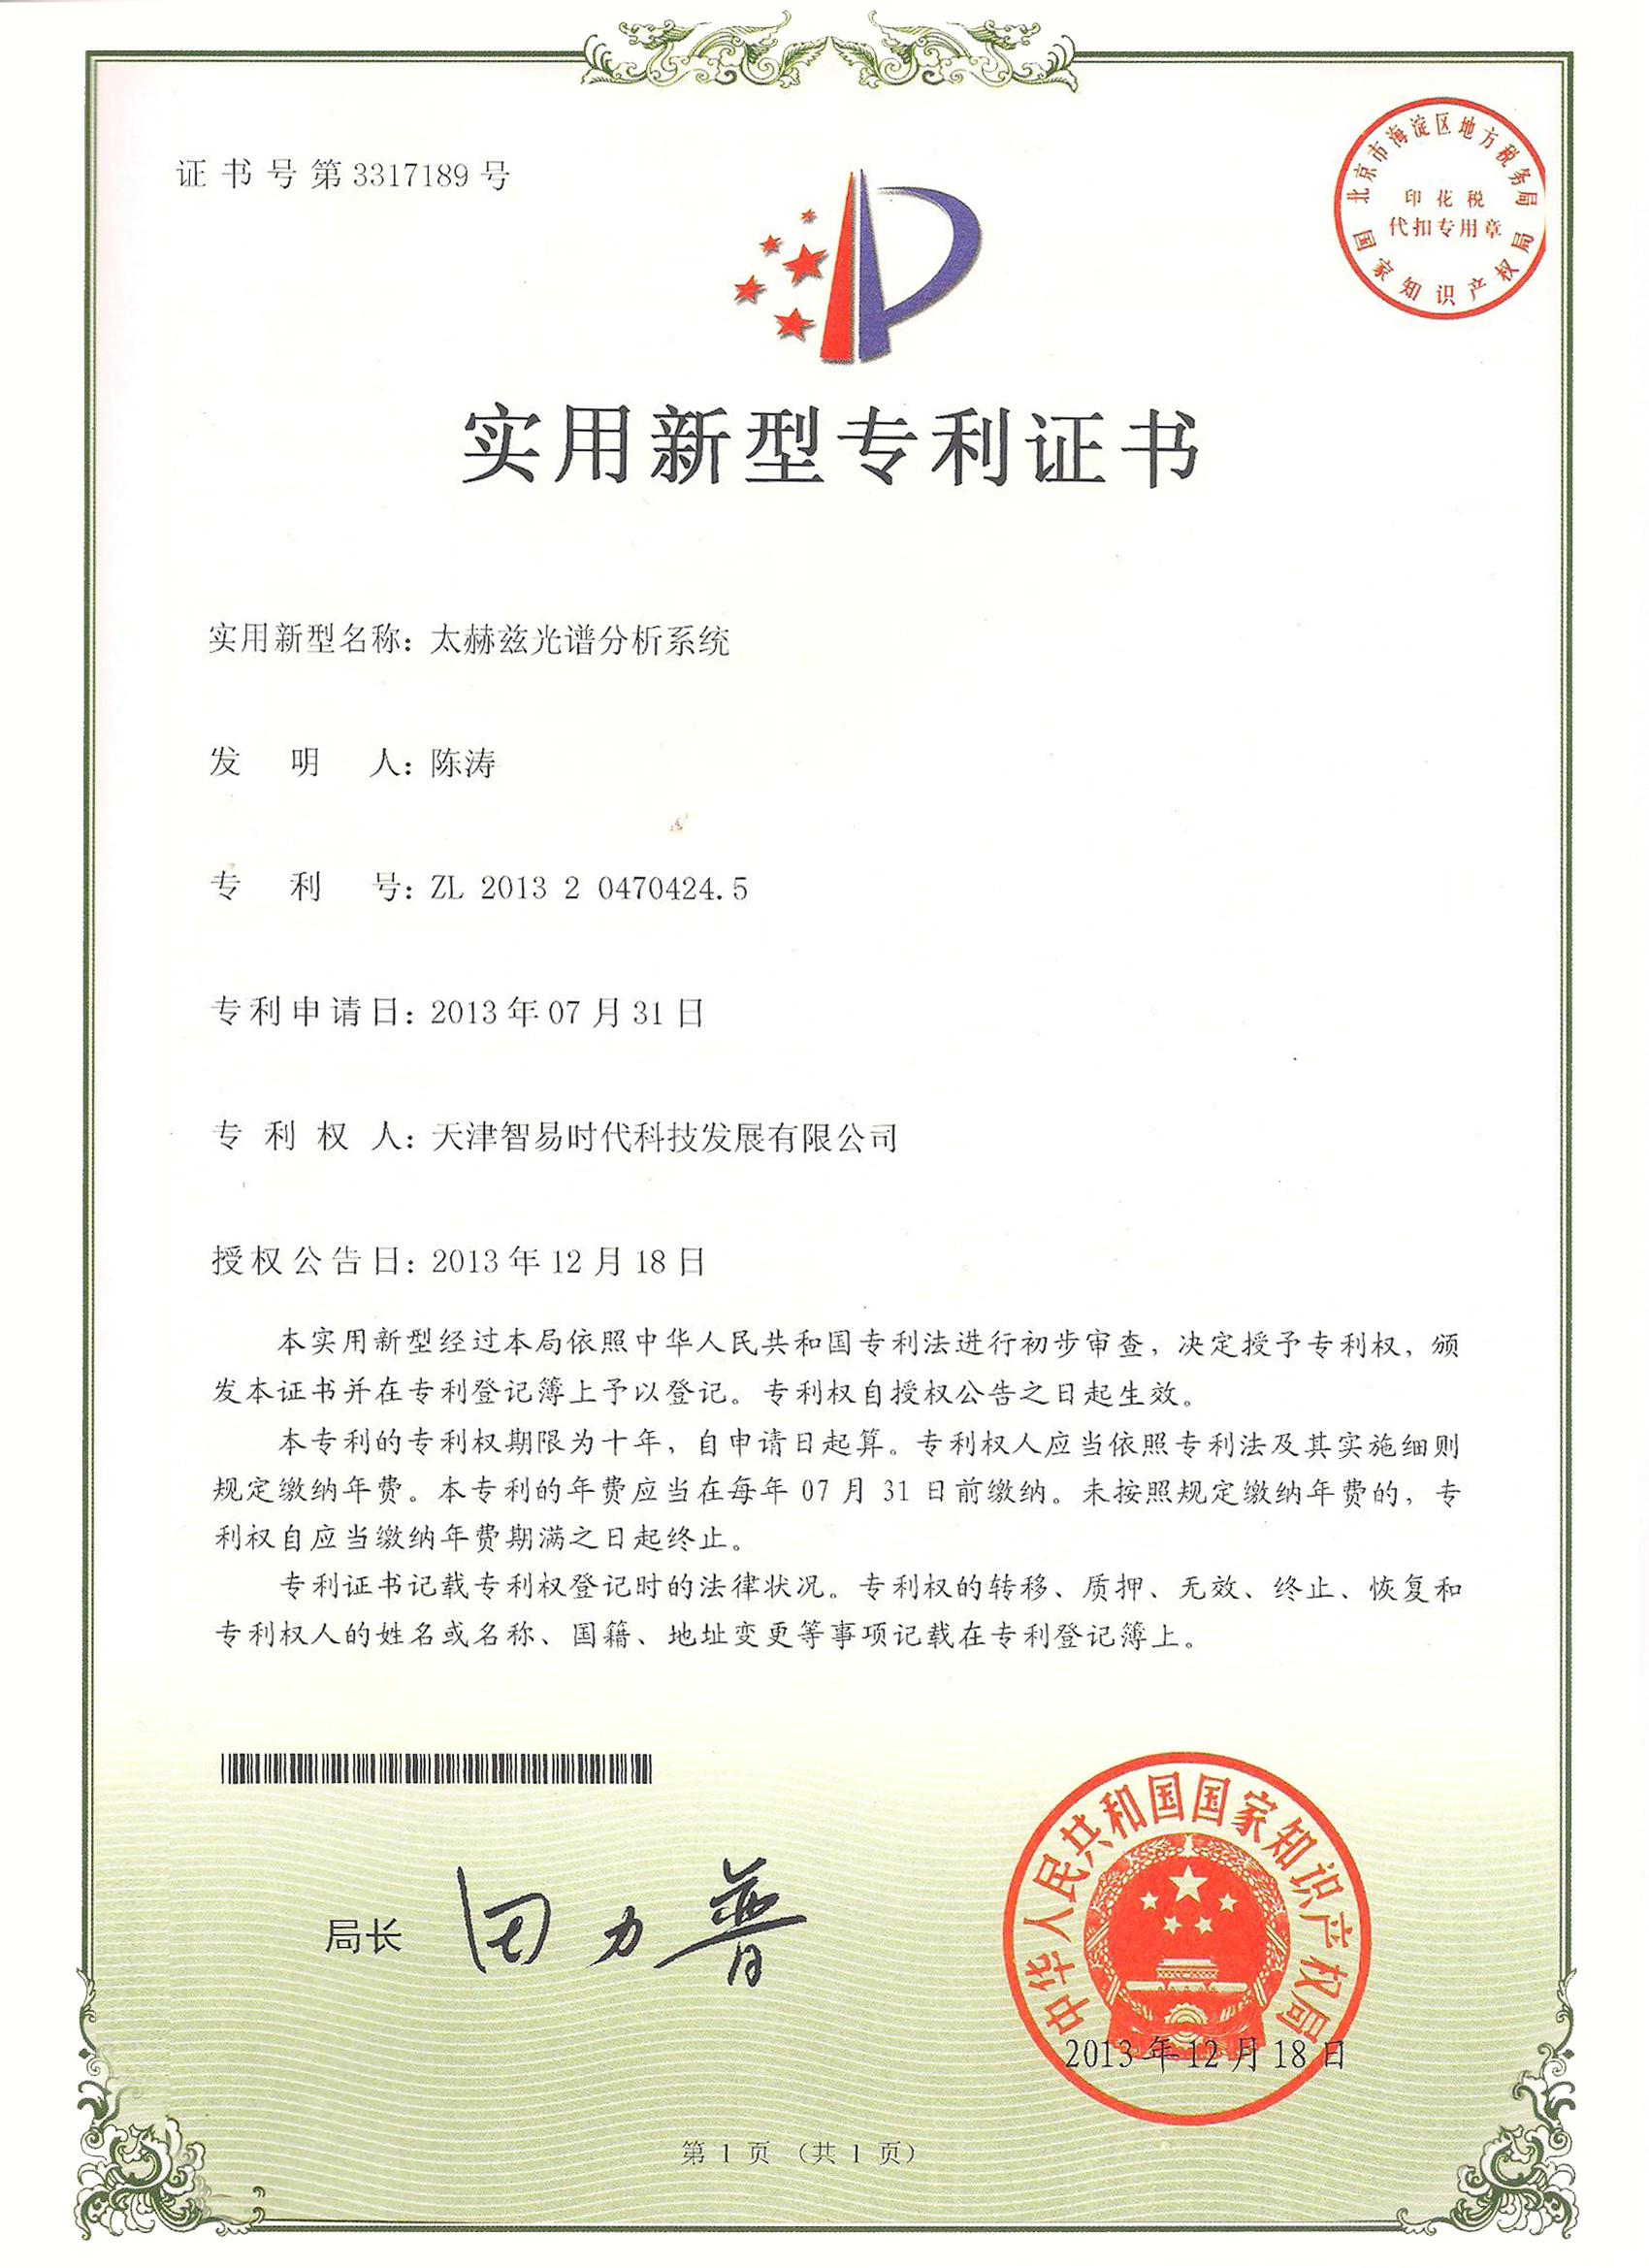 太赫兹光谱分析专利证书